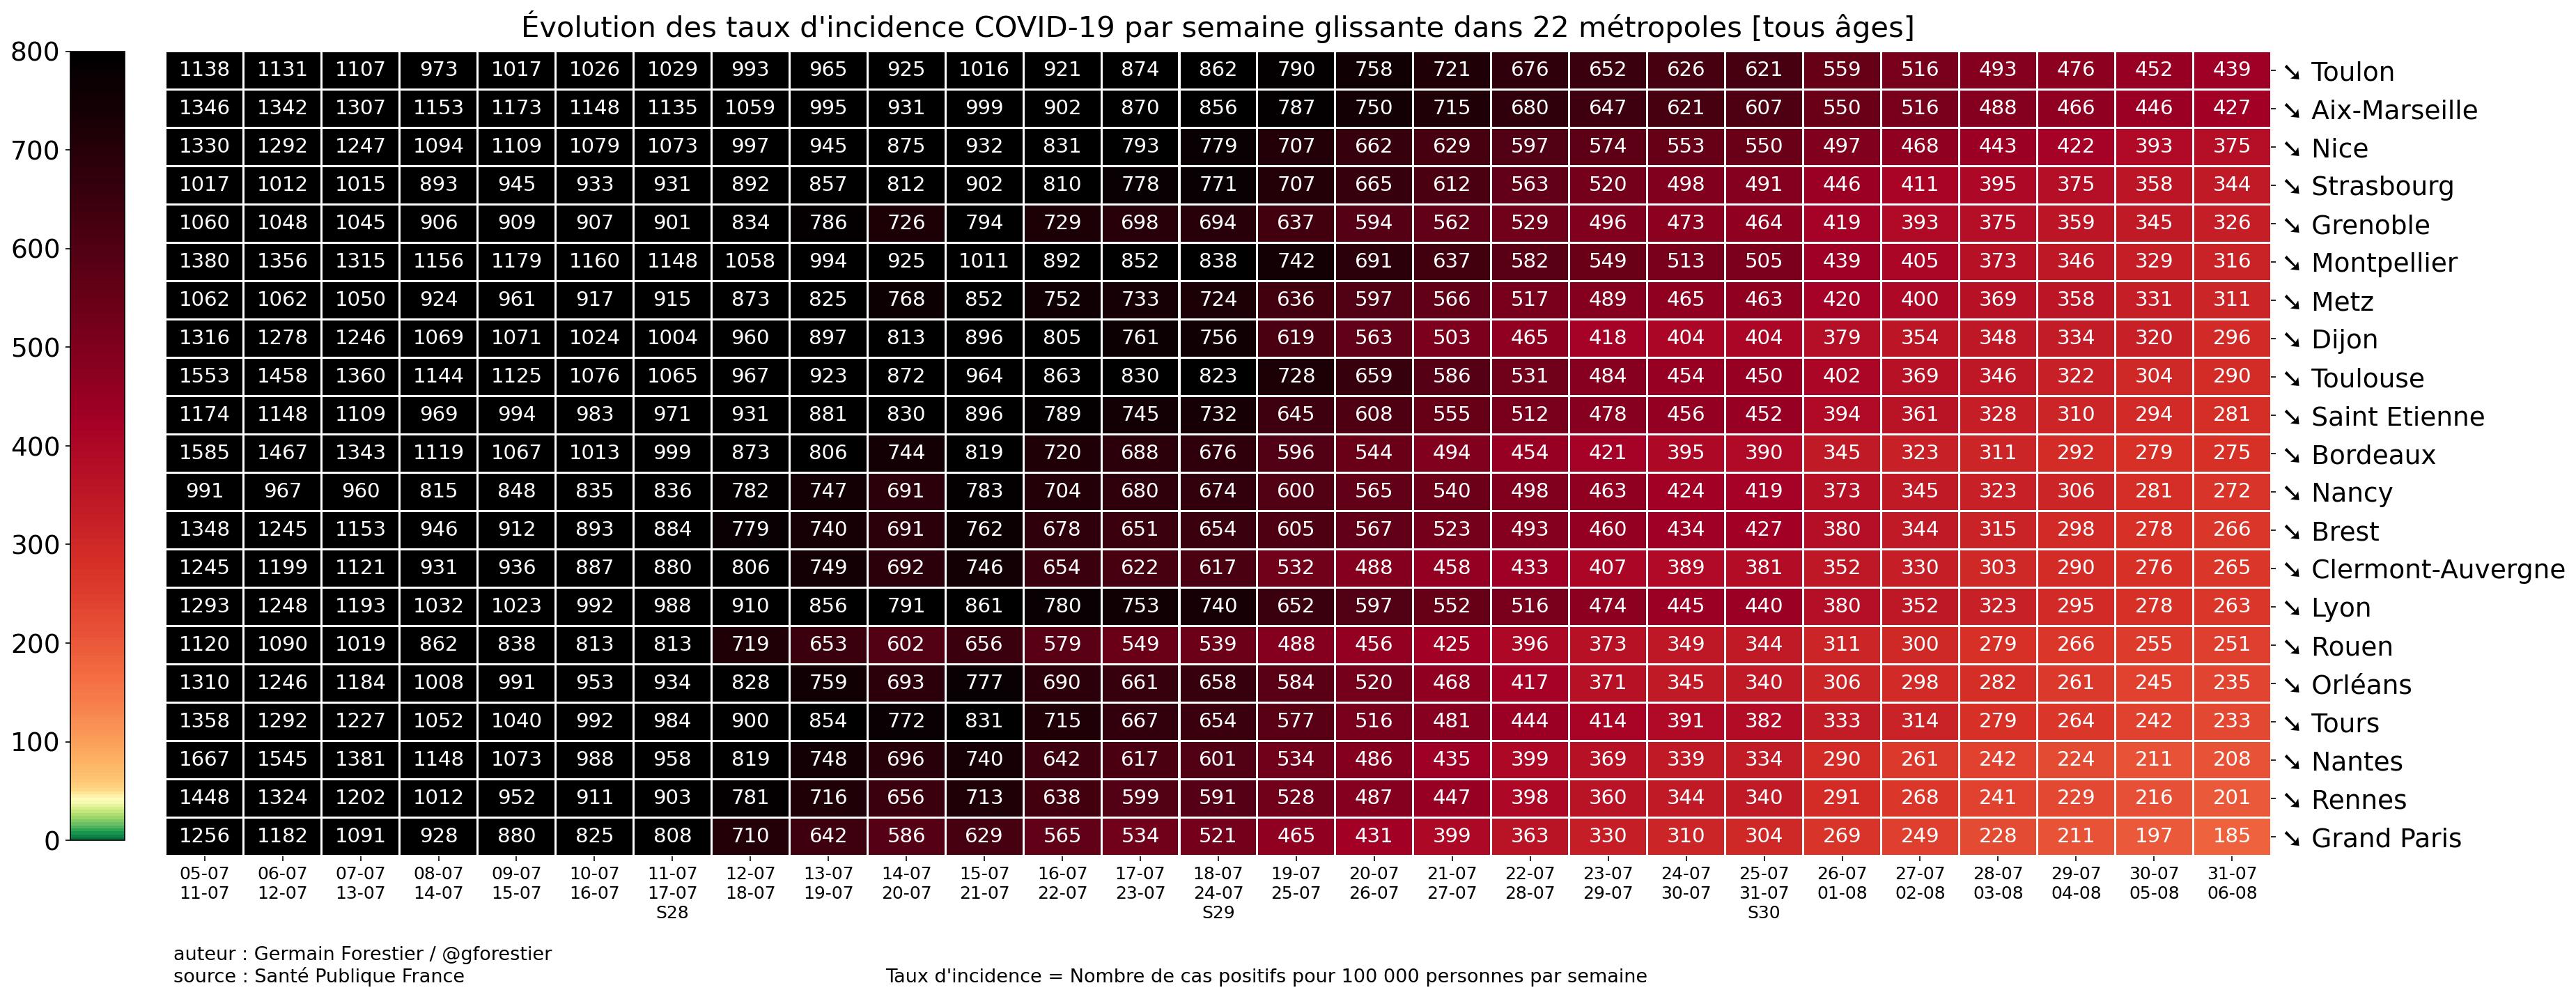 Le coronavirus COVID-19 - Infos, évolution et conséquences Metropoles